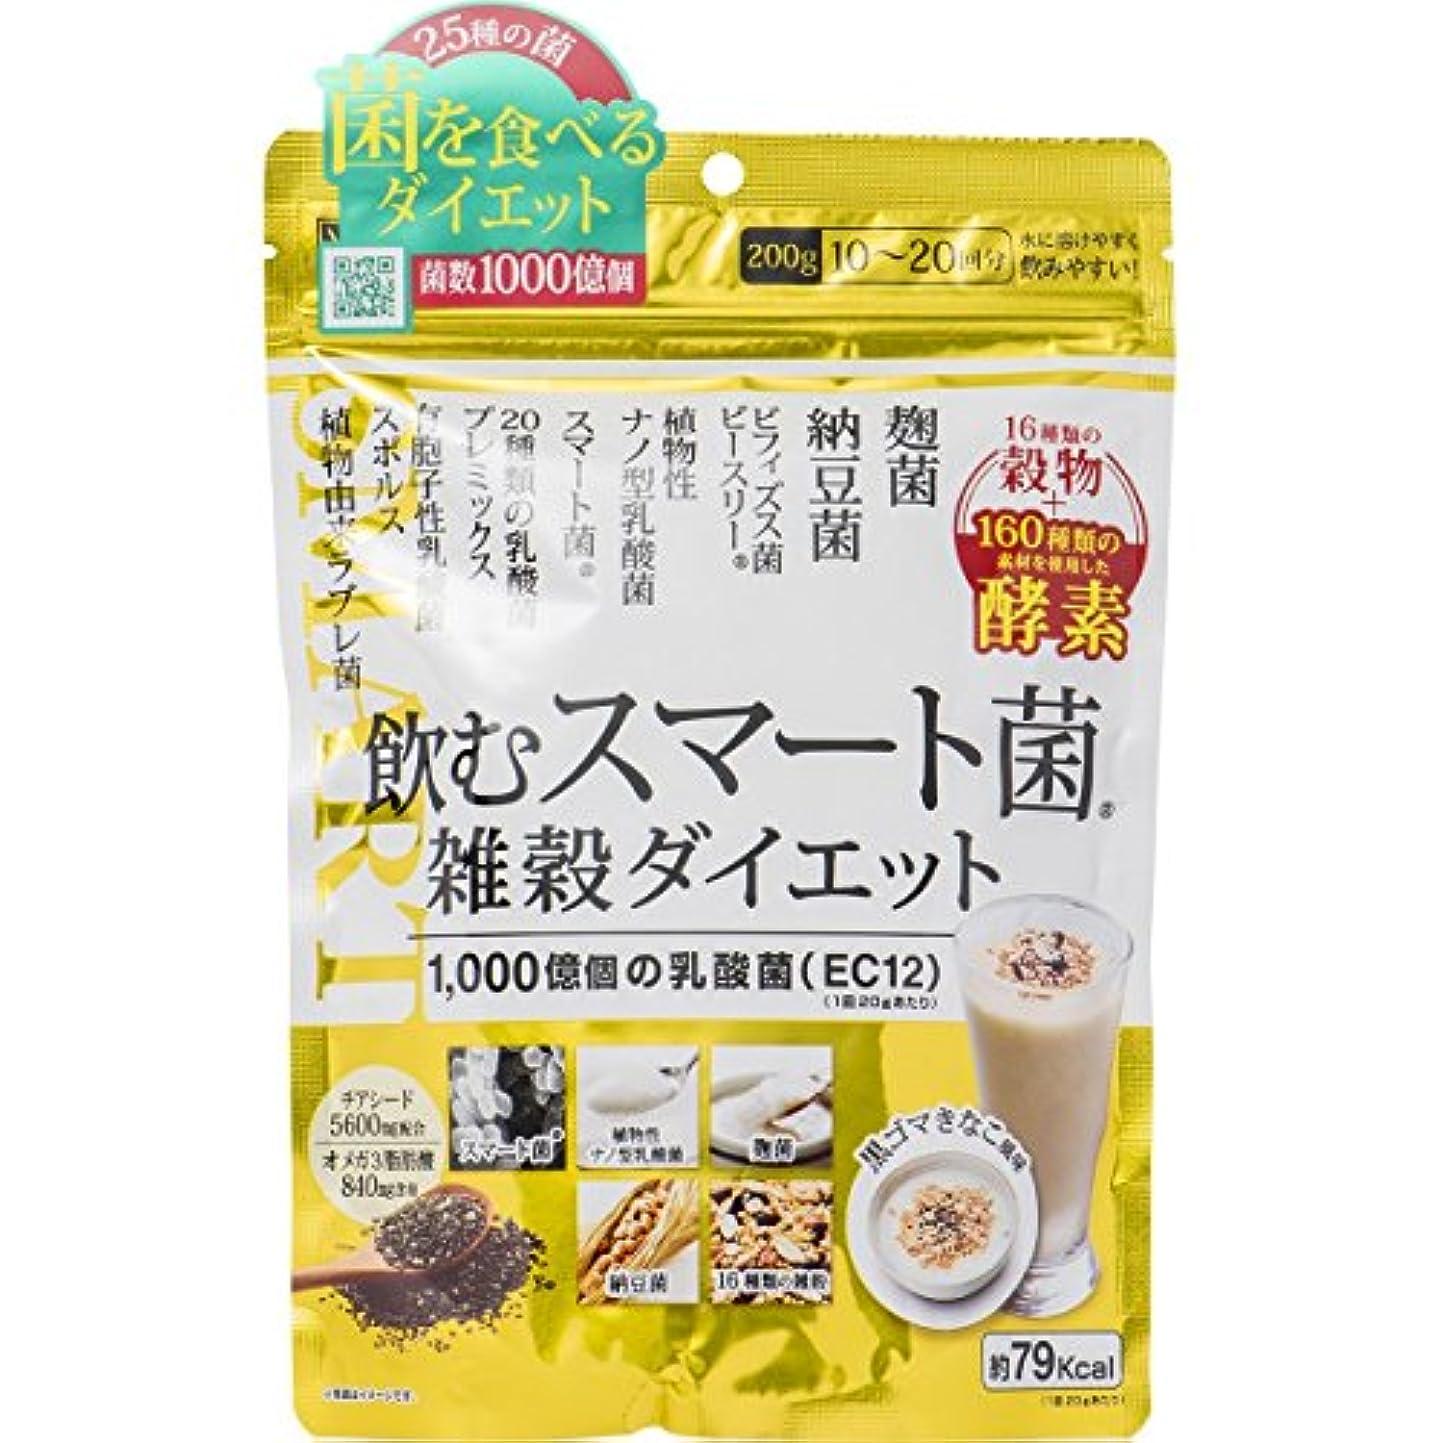 晩餐鉄膨張する【お徳用3個セット】飲むスマート菌 雑穀ダイエット 200g ×3個セット